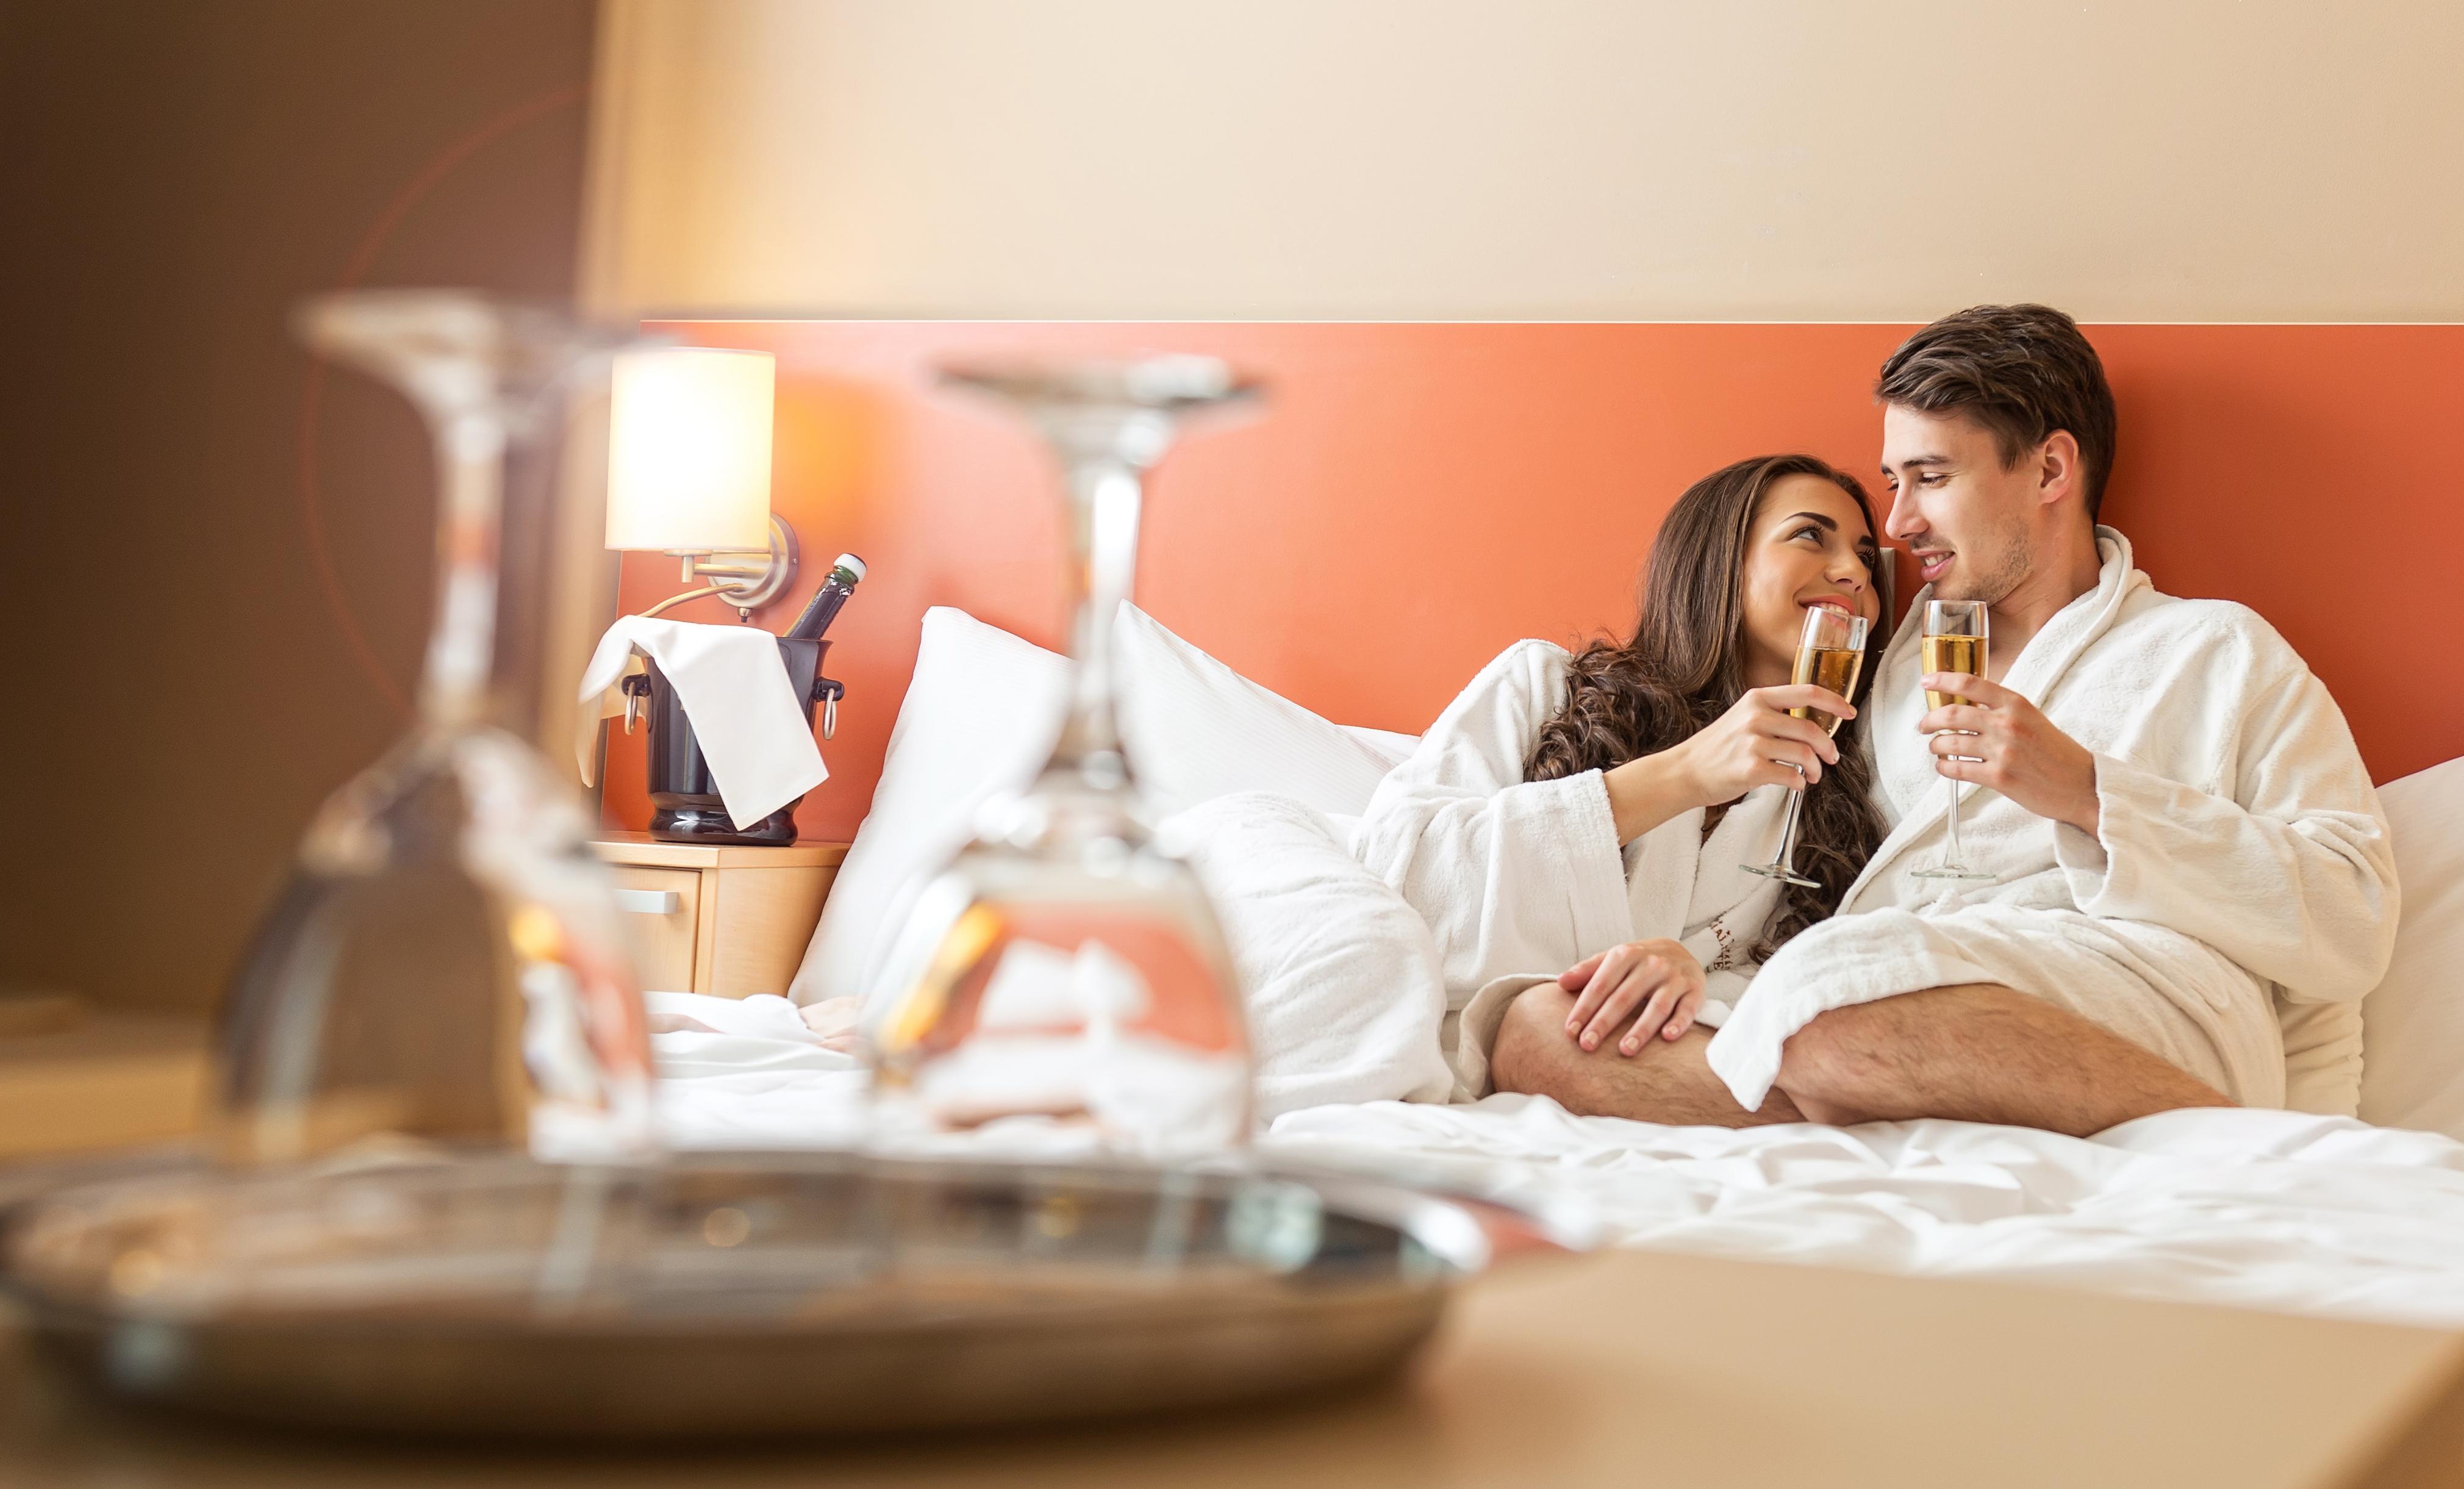 того, что целуются в отеле фото попробовать вступить контакт